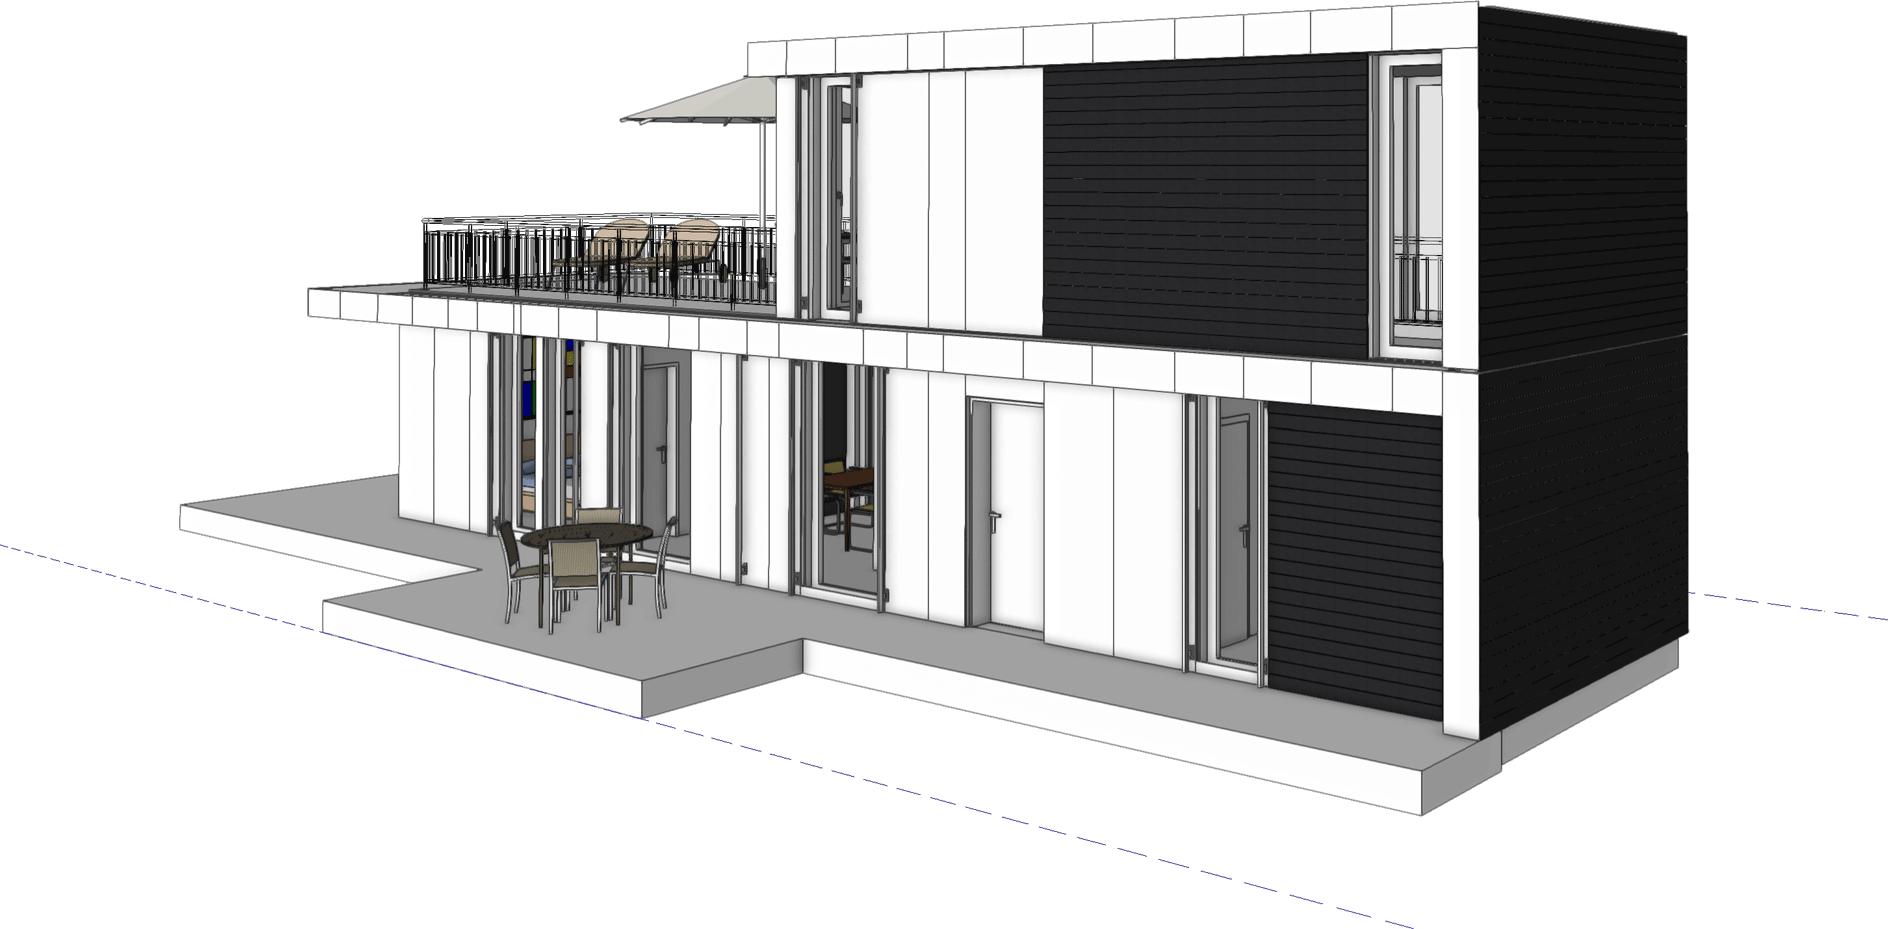 Wohnhaus Modulbau